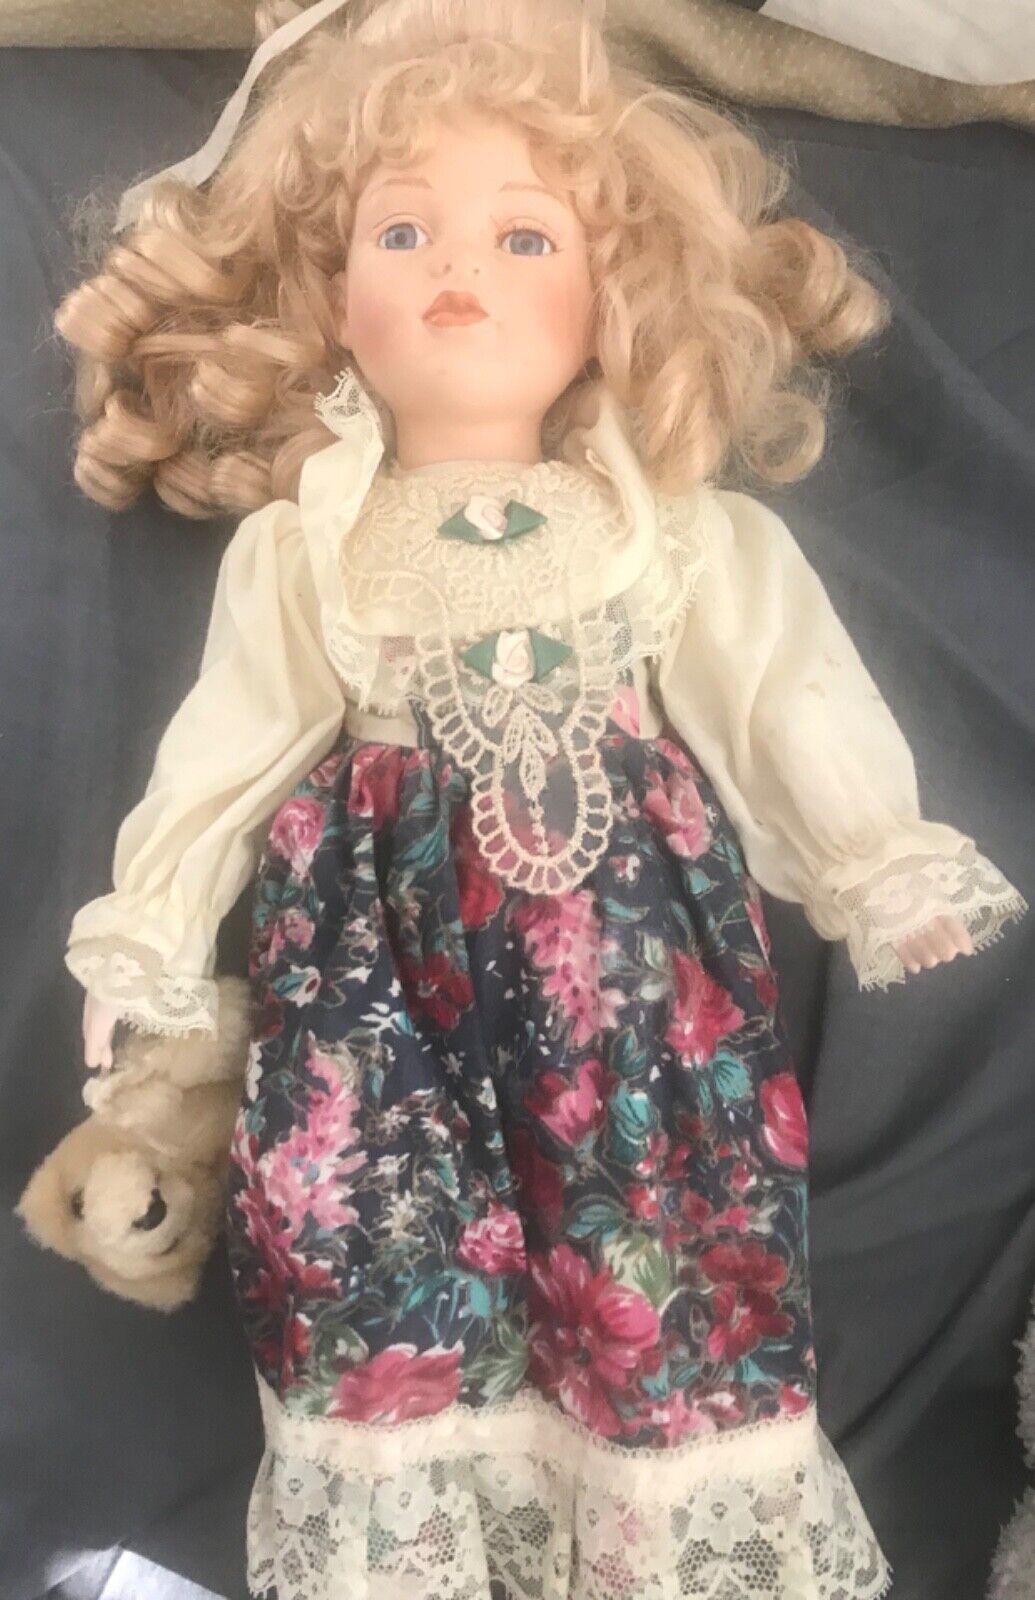 Job Lot Of Vintage Porcelain Dolls Including Leonardo Collection.